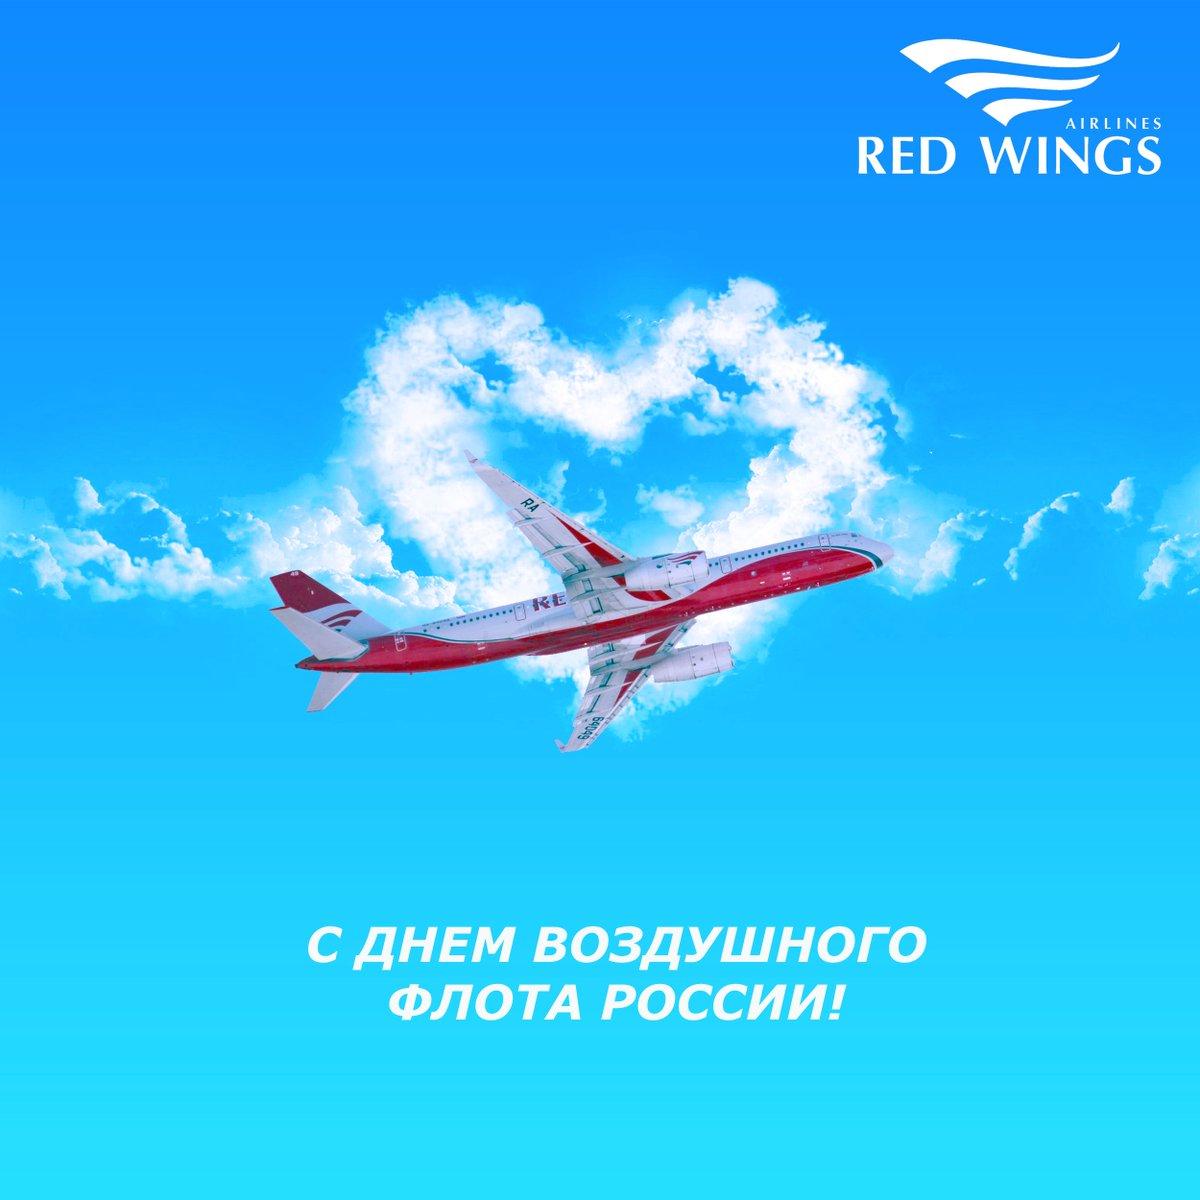 Красивые открытки с пожеланием для любимого хорошо долететь, отправить